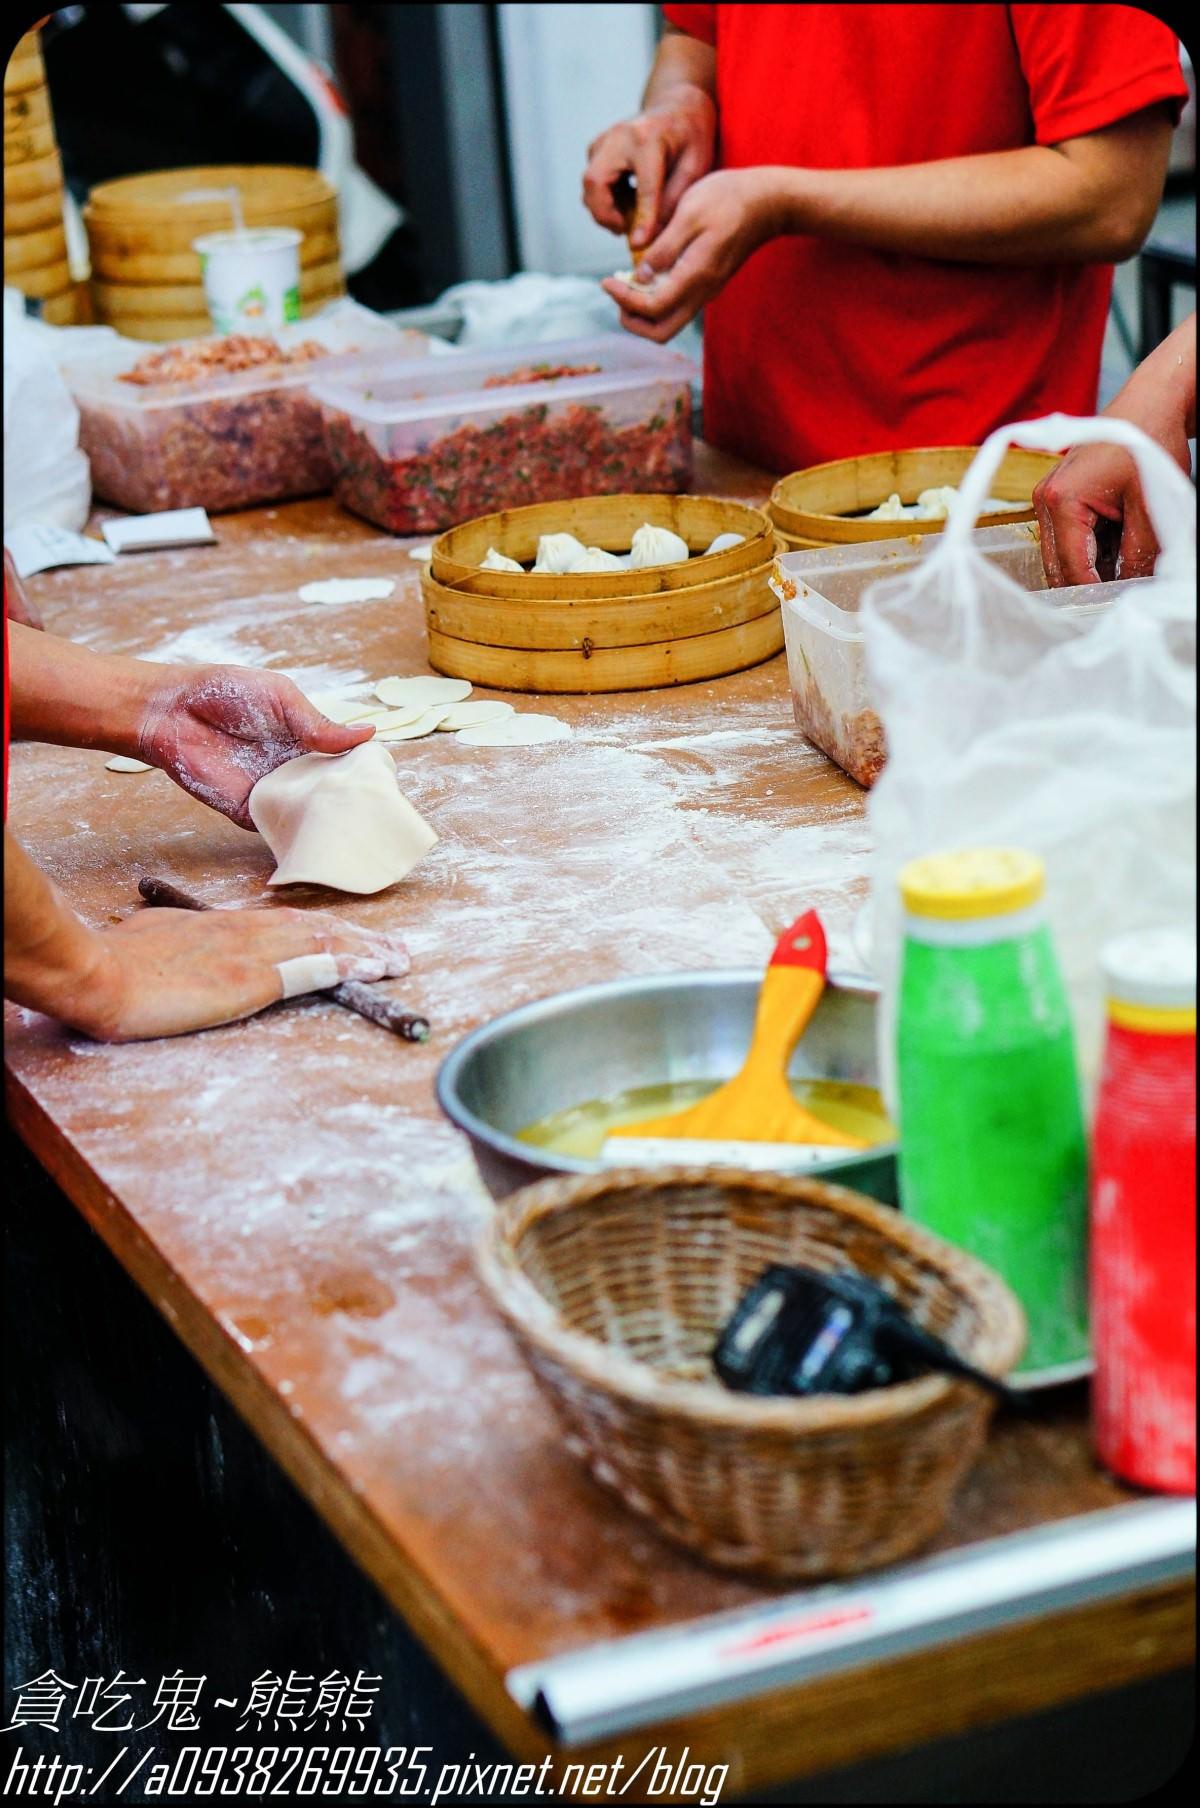 【美食】高雄 就愛餡麵食館-鼎山店(已歇業) - 貪吃鬼熊熊-美食/攝影/旅遊